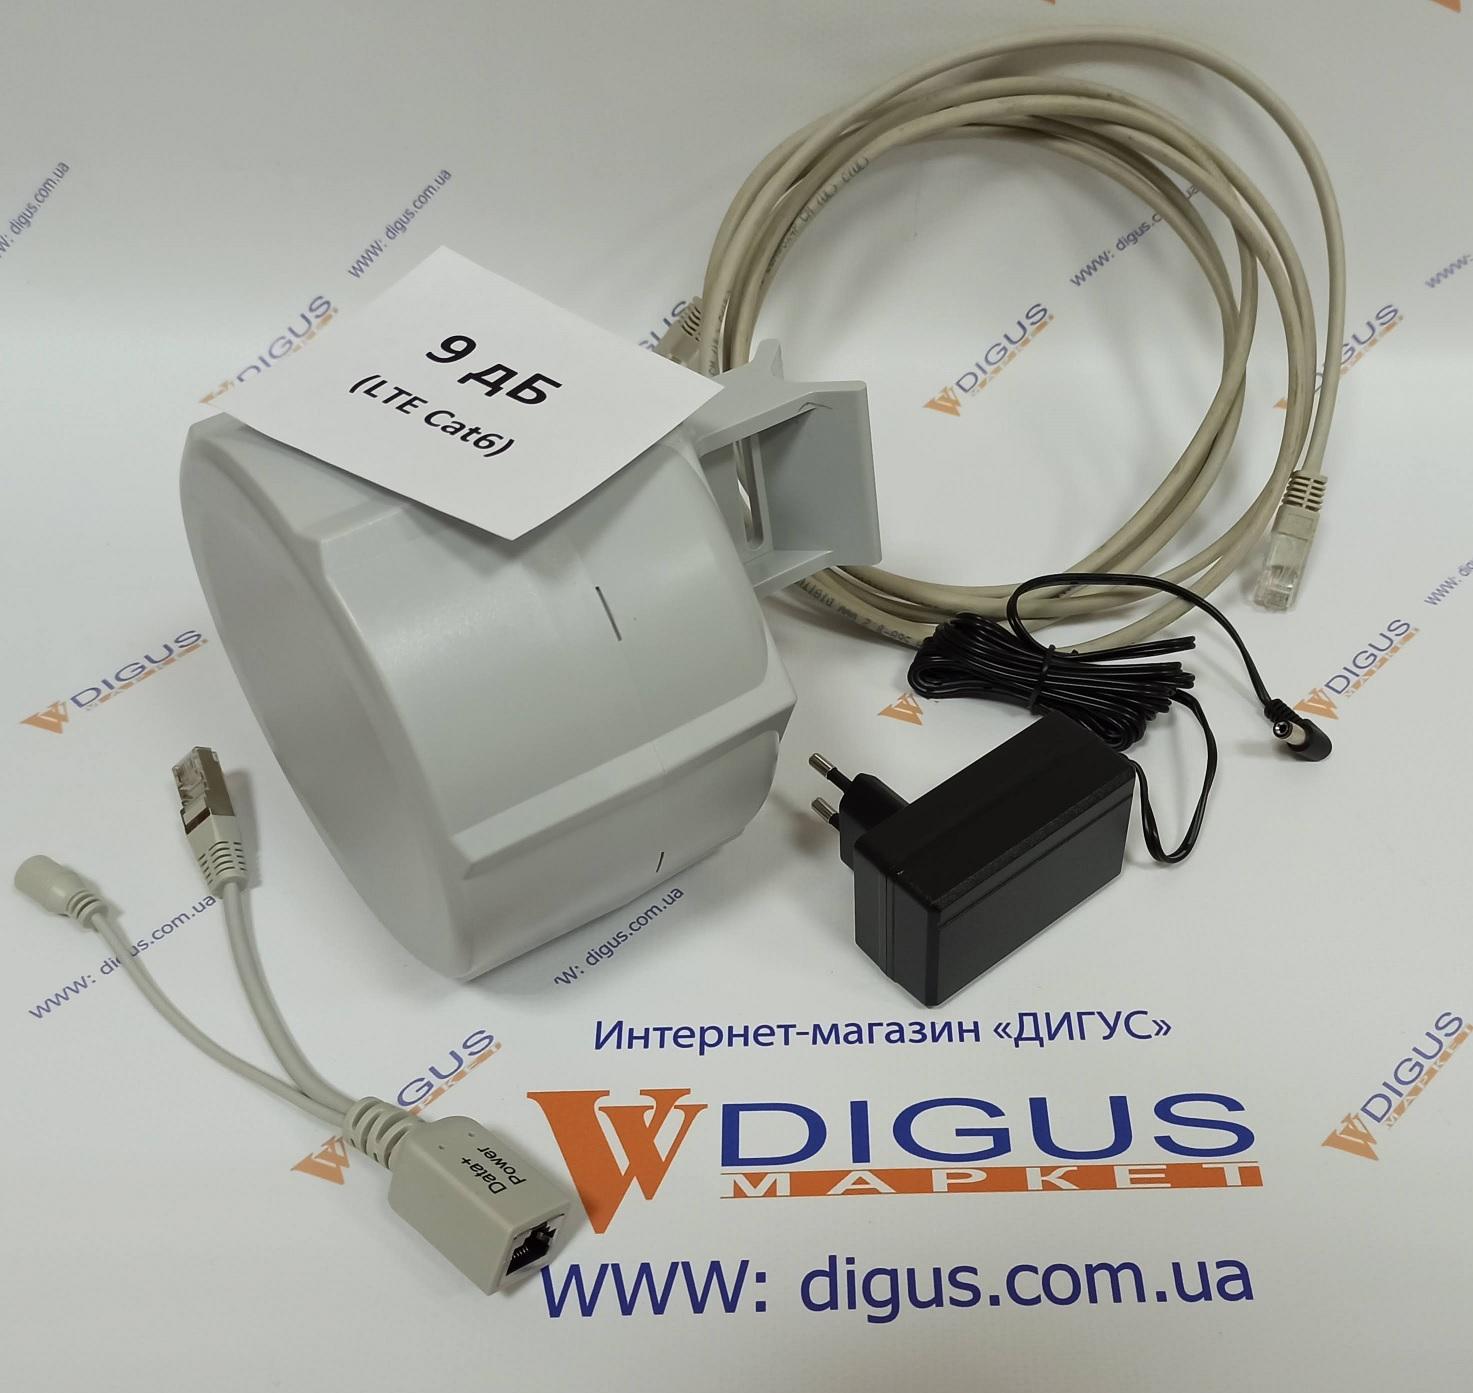 комплект 4g lte уличный роутер | www.digus.com.ua